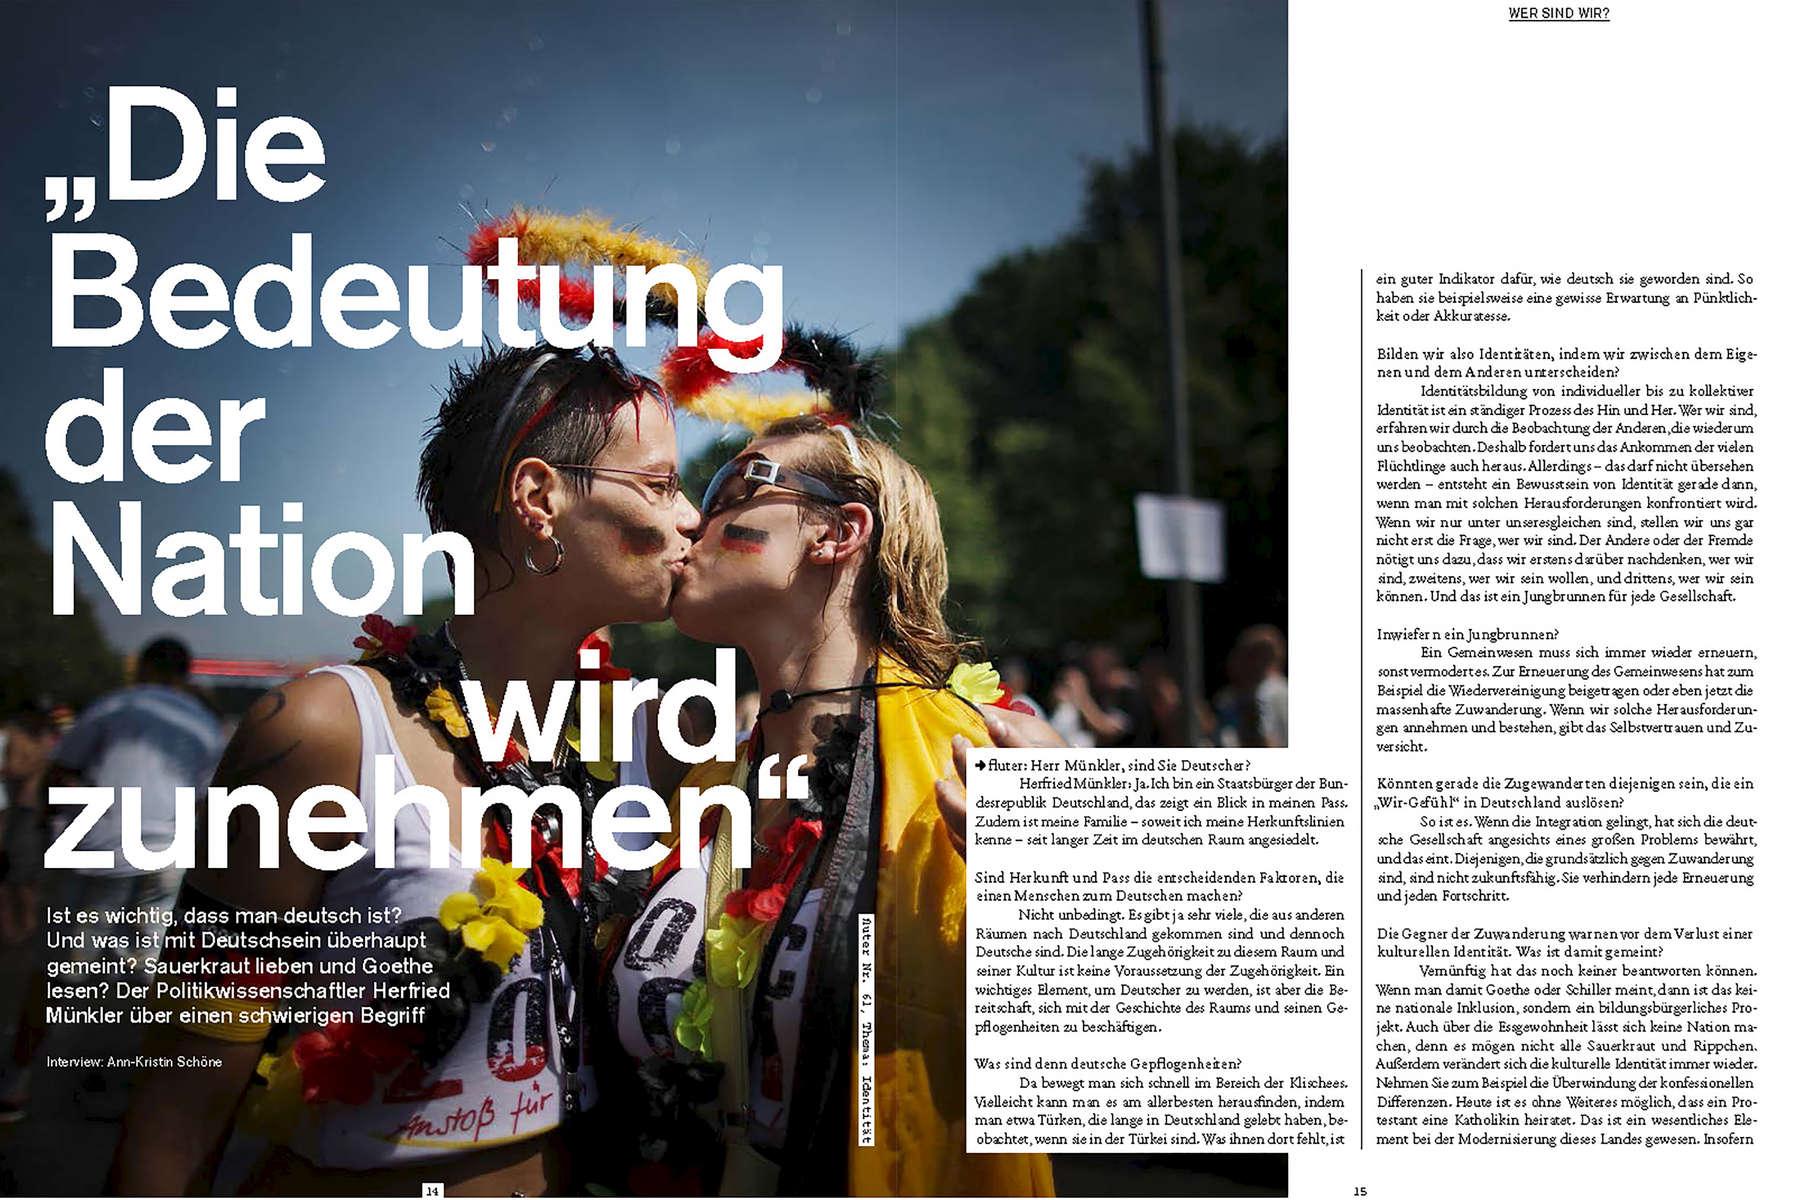 FLUTER, Germany, interview Herfried Münkler